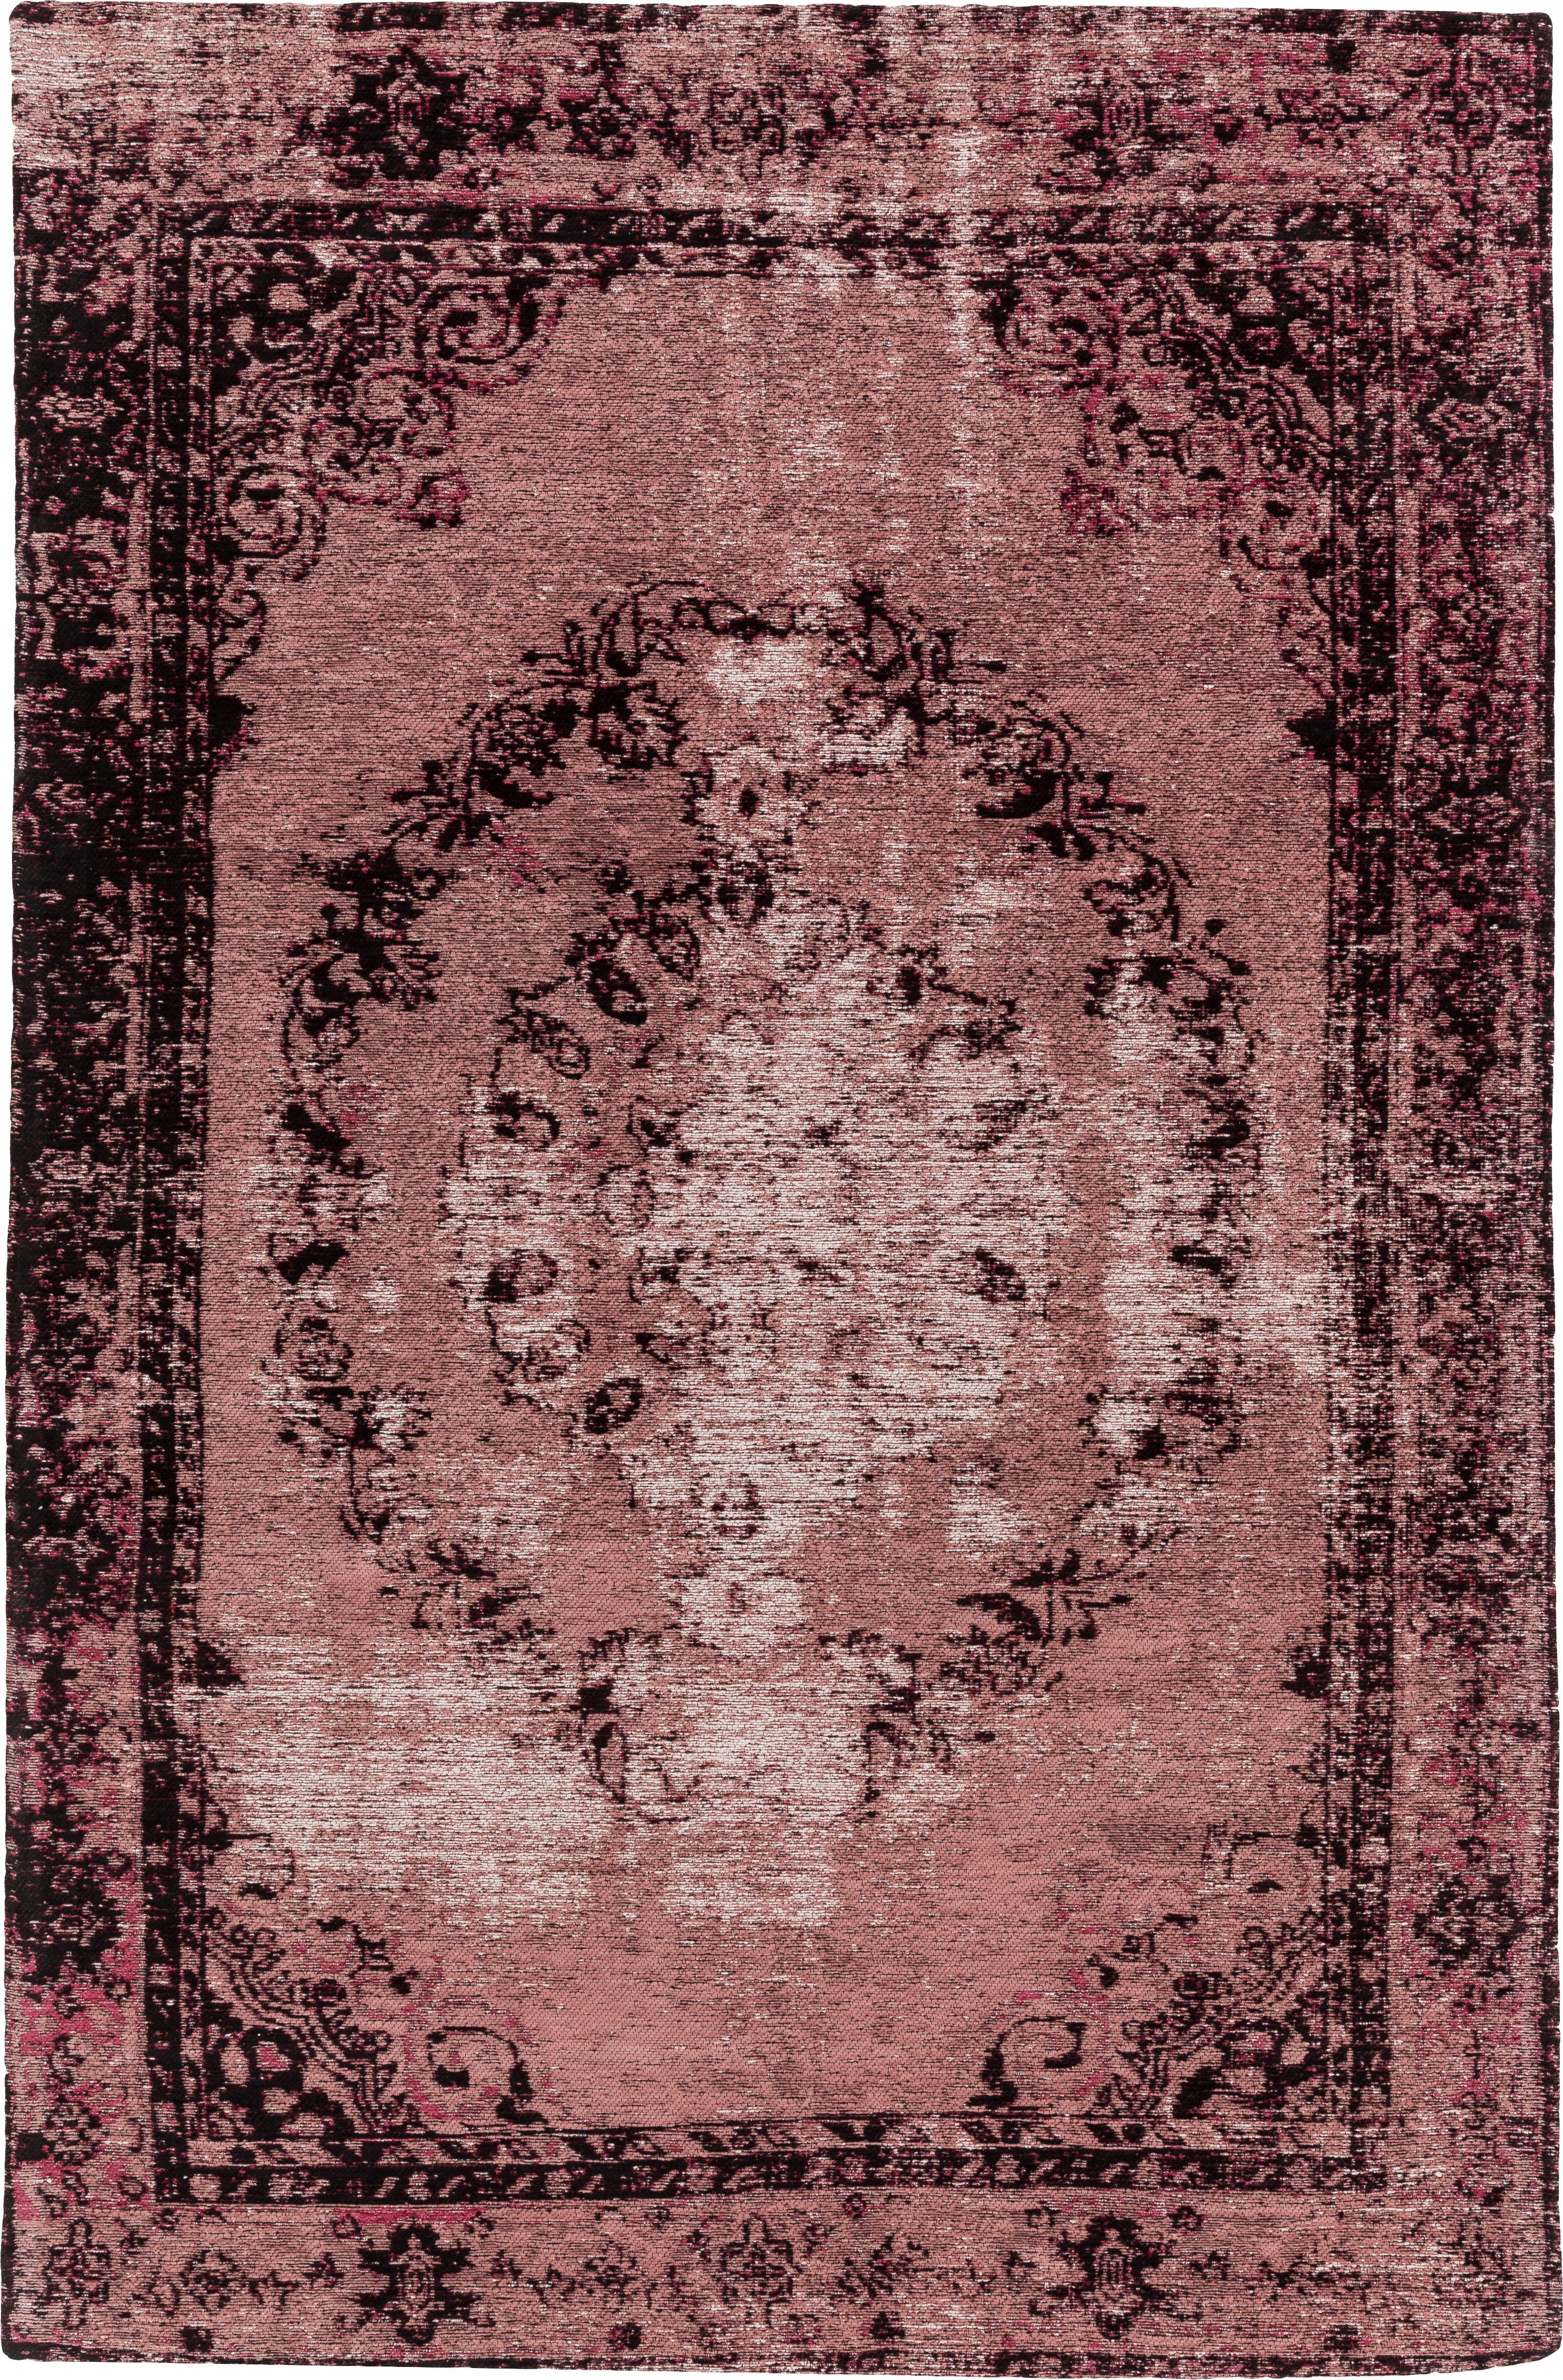 Vintage Chenilleteppich Milan in Rosa, handgewebt, Flor: 95% Baumwolle, 5% Polyest, Beerenfarben, Schwarz, Creme, B 120 x L 180 cm (Grösse S)